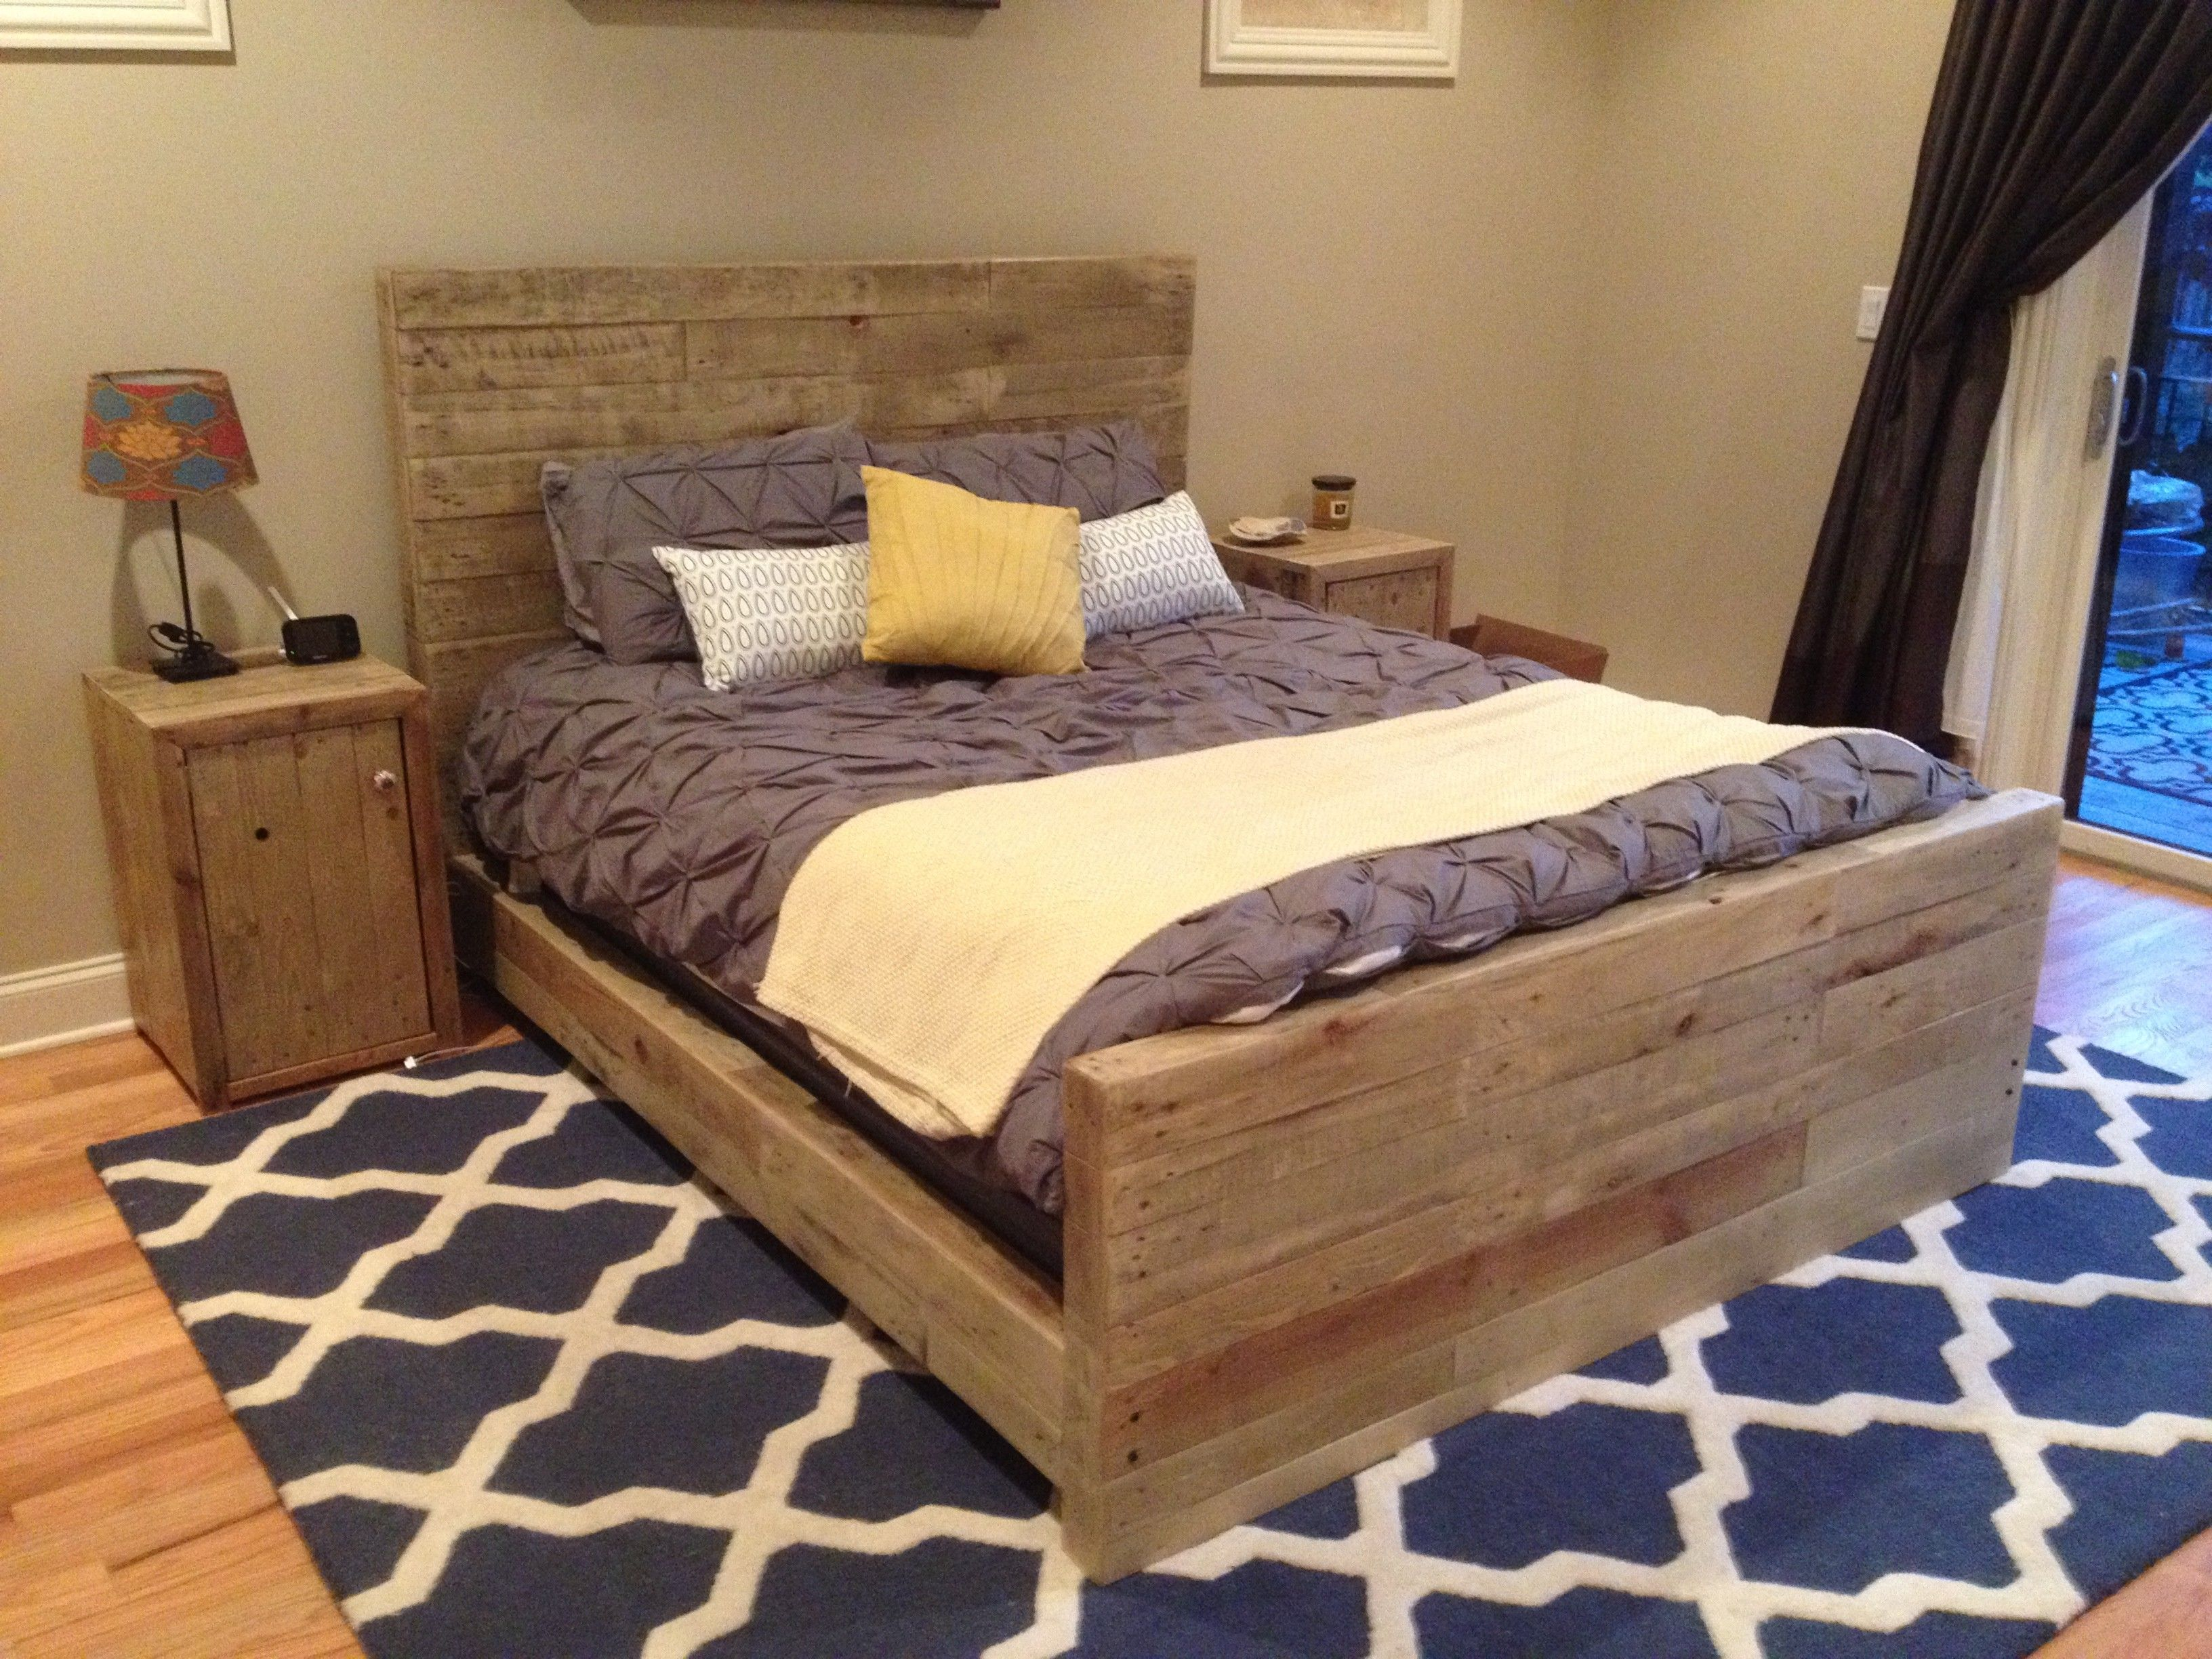 Palet de madera, nuevas ideas para una cama | Nuevas ideas, Palets y ...